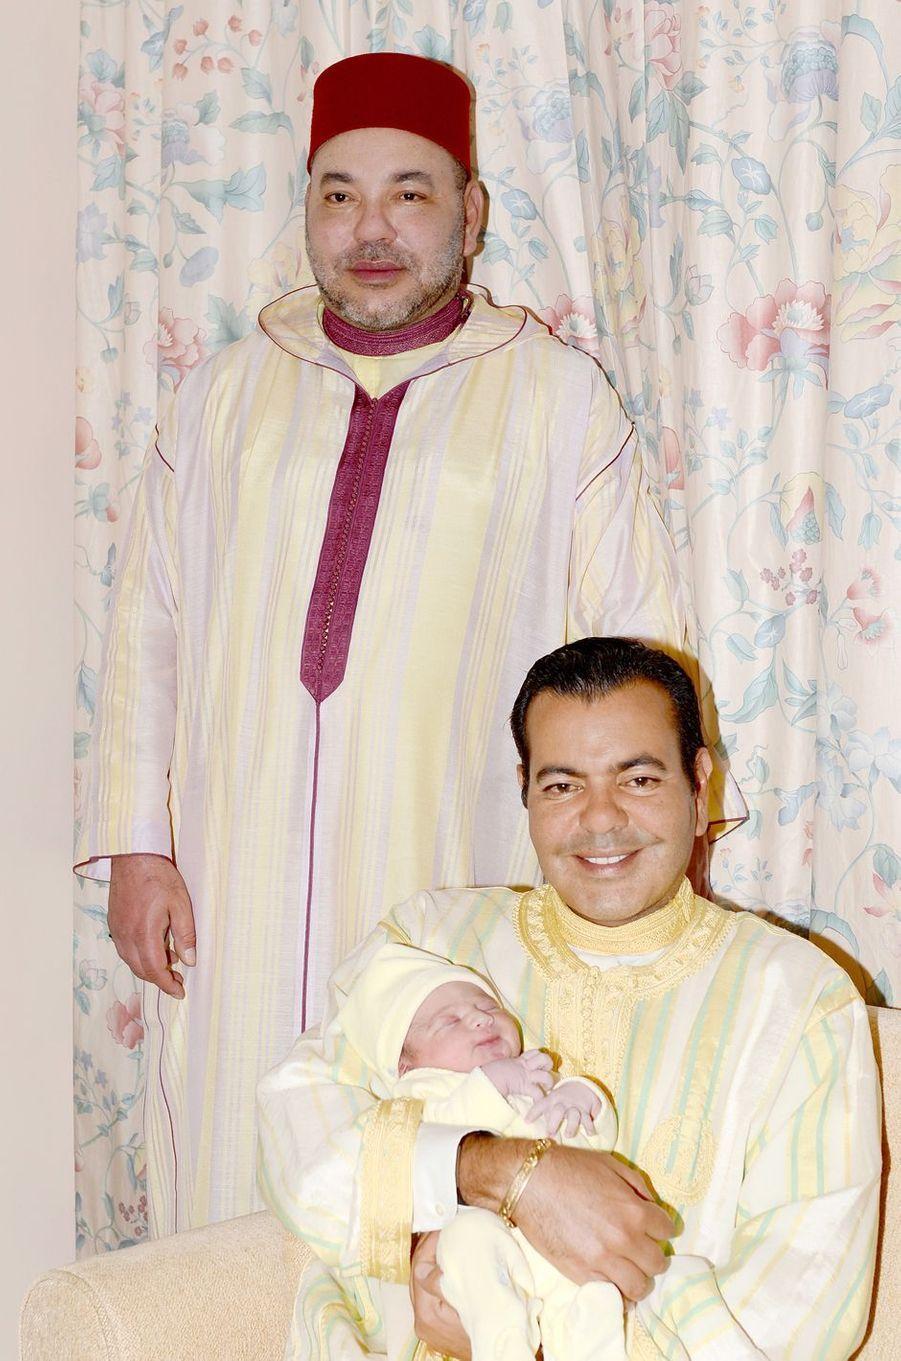 Dans les bras de son père Moulay Rachid, le petit Moulay Ahmed a pris la pose devant les photographes avec son oncle le roi Mohammed VI du Maroc ce jeudi 23 juin, jour de sa naissance.